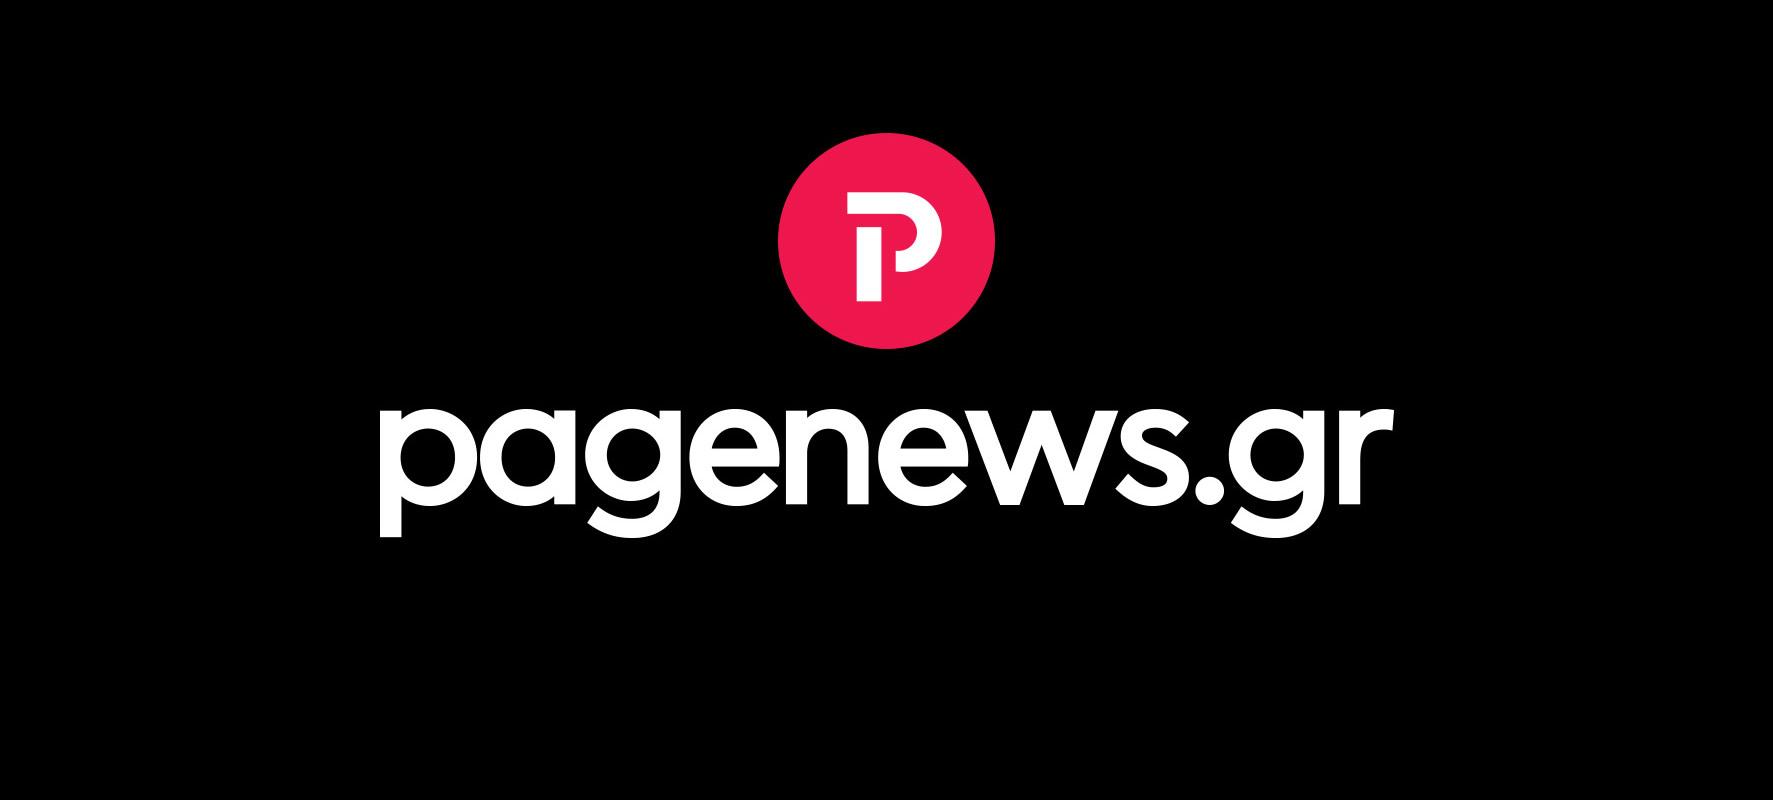 Κριοί, Ταύροι, Δίδυμοι, Καρκίνοι, Τοξότες ! Έχετε νέα από το ερωτικό σας παρελθόν ! Επανασύνδεση ! | Pagenews.gr